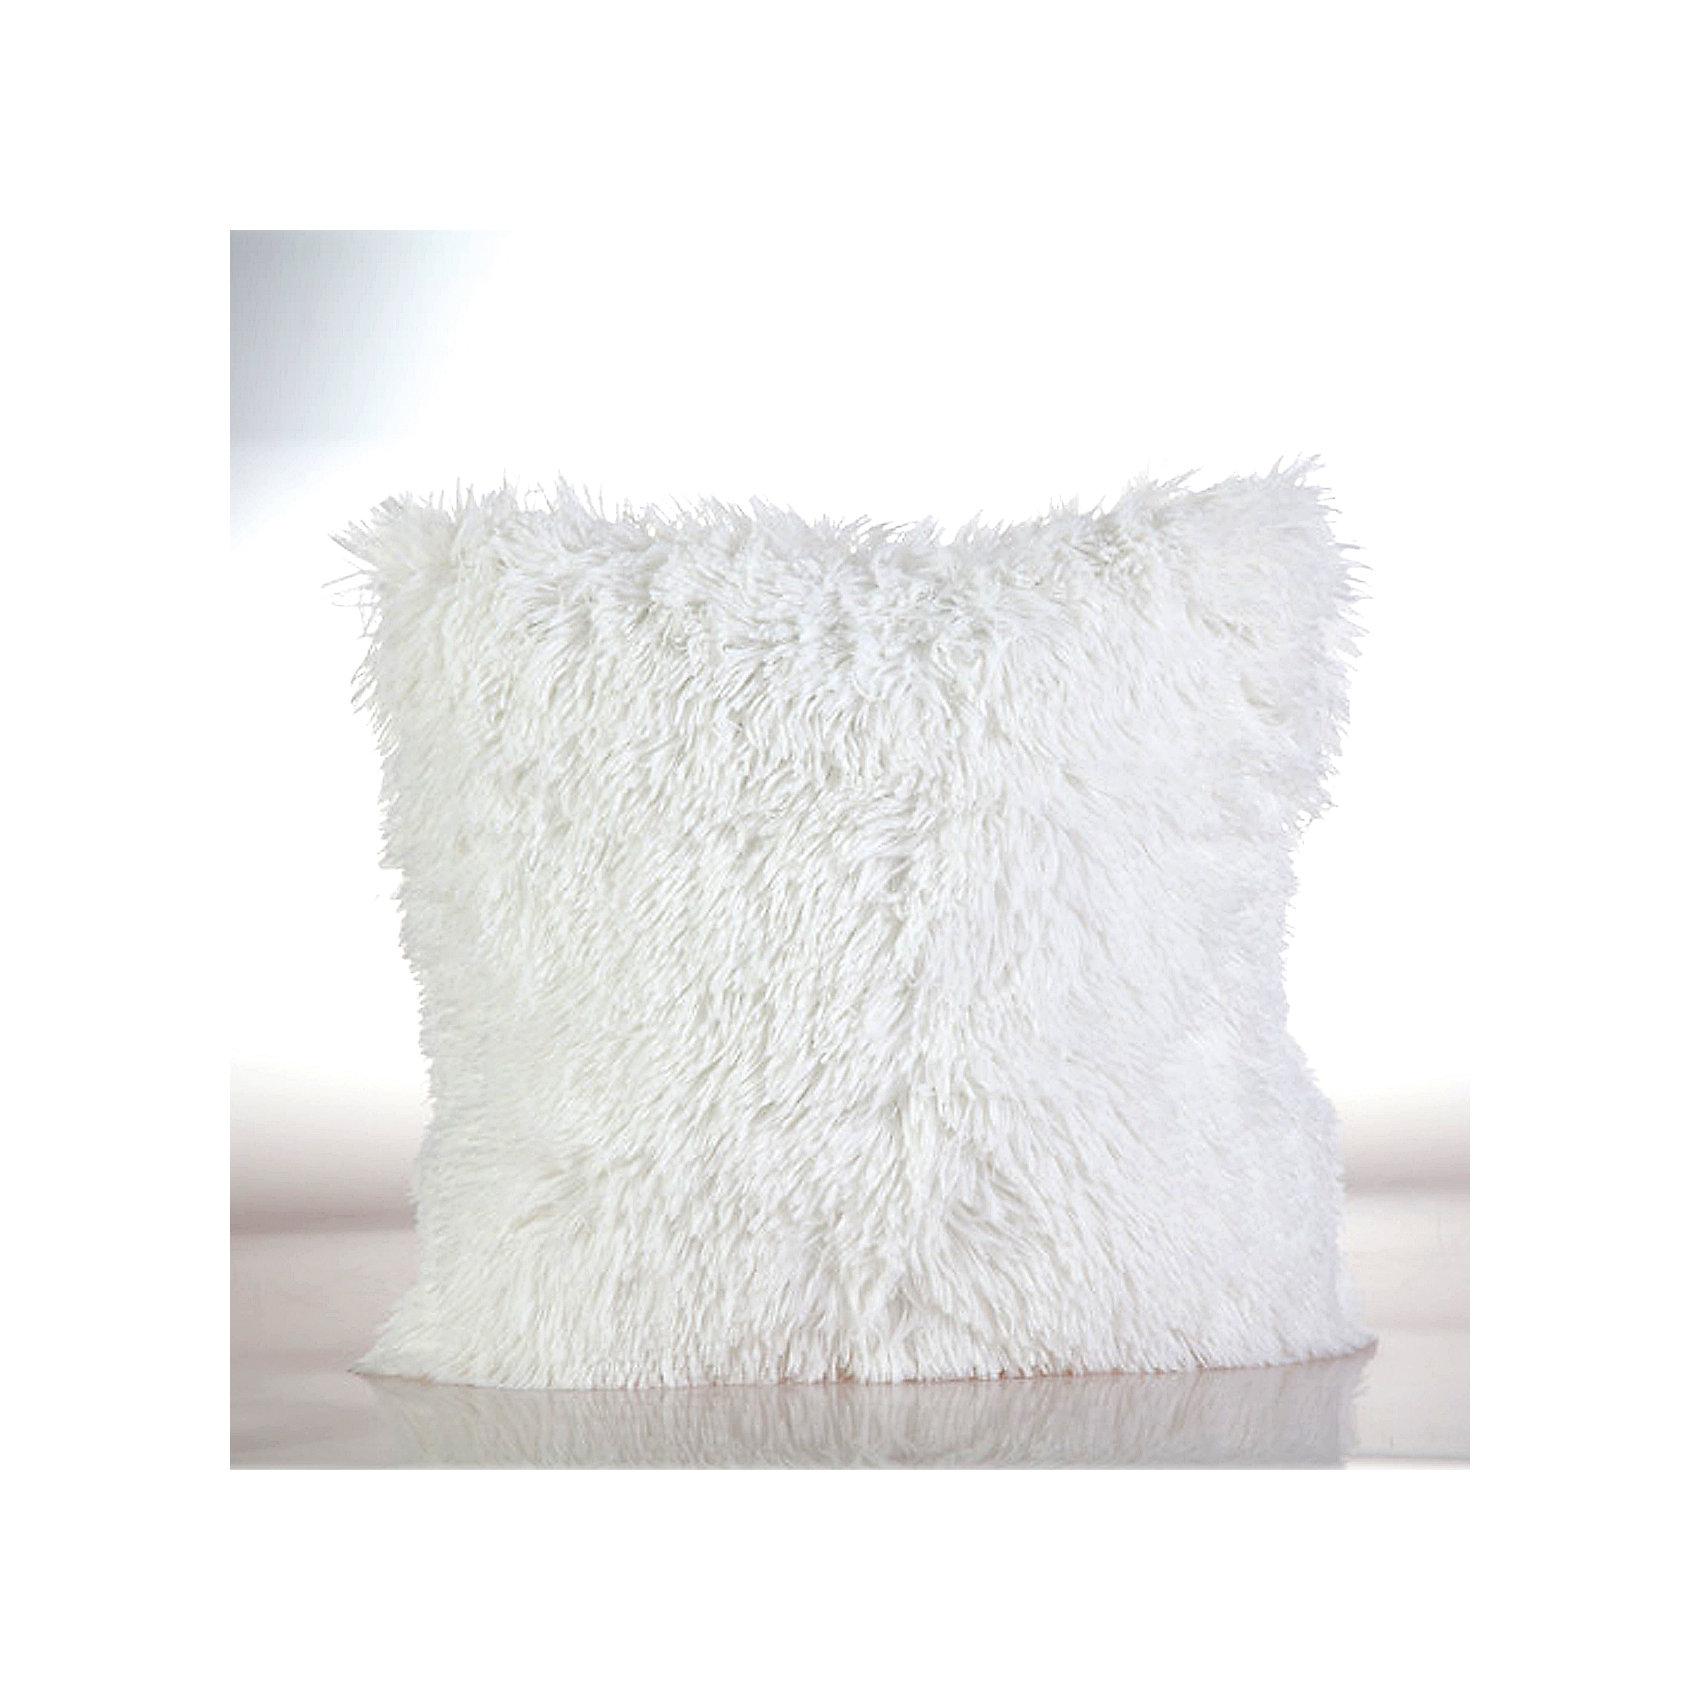 Подушка 45*45 Trendy, Унисон, whiteПодушка 45*45 Унисон Trendy white – красивое дополнение в вашу спальню. <br>Небольшая декоративная подушка сделана из качественных материалов. Украшена изнаночной микрофиброй под эффект «травы». Несмотря на надежность материалов, рекомендуется стирать при температуре не выше 30 градусов, не используя отбеливатель. Сушить при низкой или средней температуре. <br><br>Дополнительная информация:<br><br>Размер: 45*45<br>Материал: силиконизированное волокно<br><br>Подушку 45*45 Унисон Trendy white можно купить в нашем интернет магазине.<br><br>Ширина мм: 270<br>Глубина мм: 90<br>Высота мм: 370<br>Вес г: 200<br>Возраст от месяцев: 36<br>Возраст до месяцев: 84<br>Пол: Унисекс<br>Возраст: Детский<br>SKU: 4905028